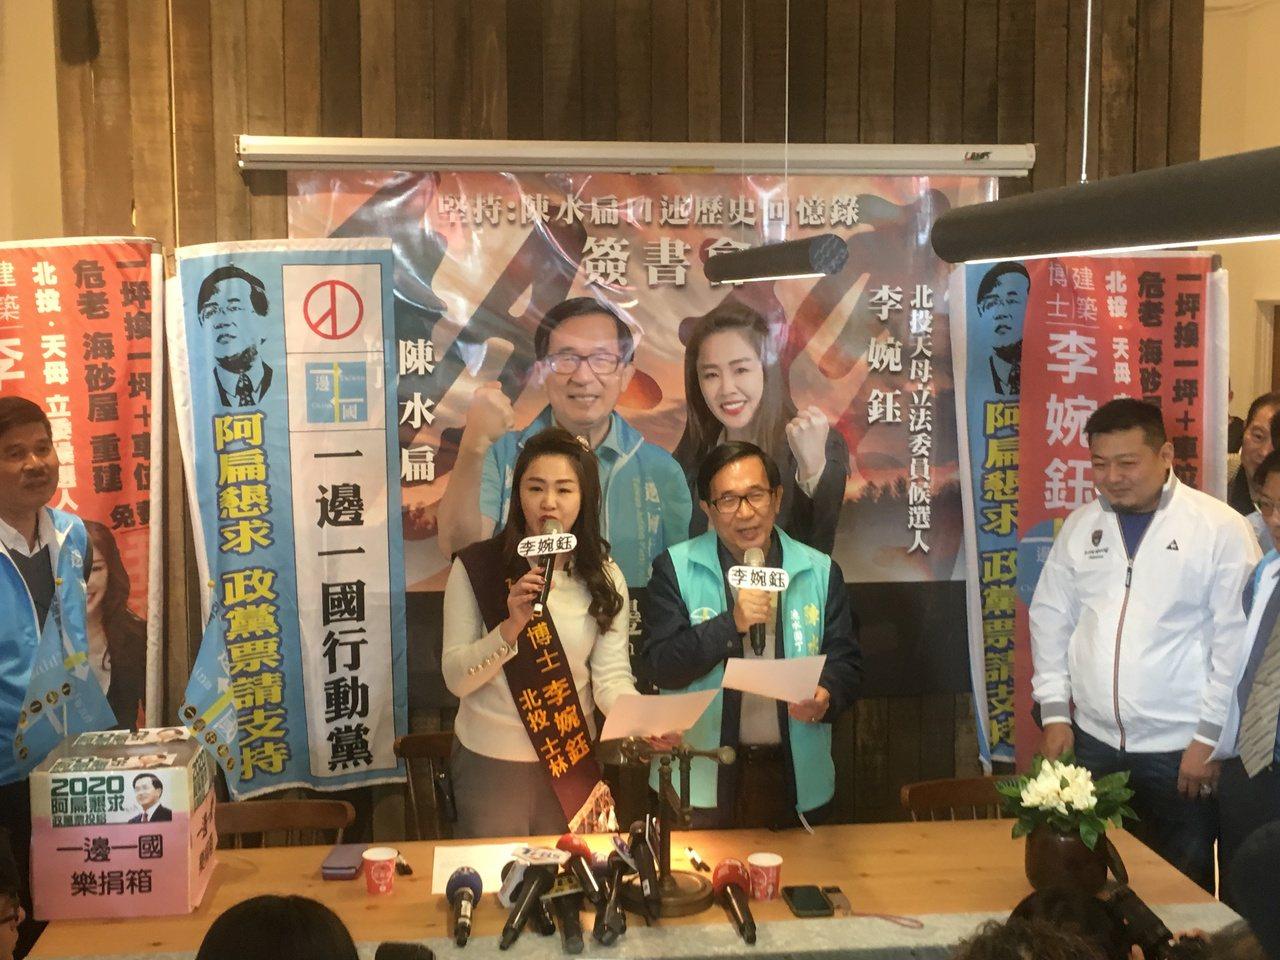 被封為「死亡之組」的台北市立委第一選區(北投士林)三姝之戰白熱化,一邊一國行動黨...